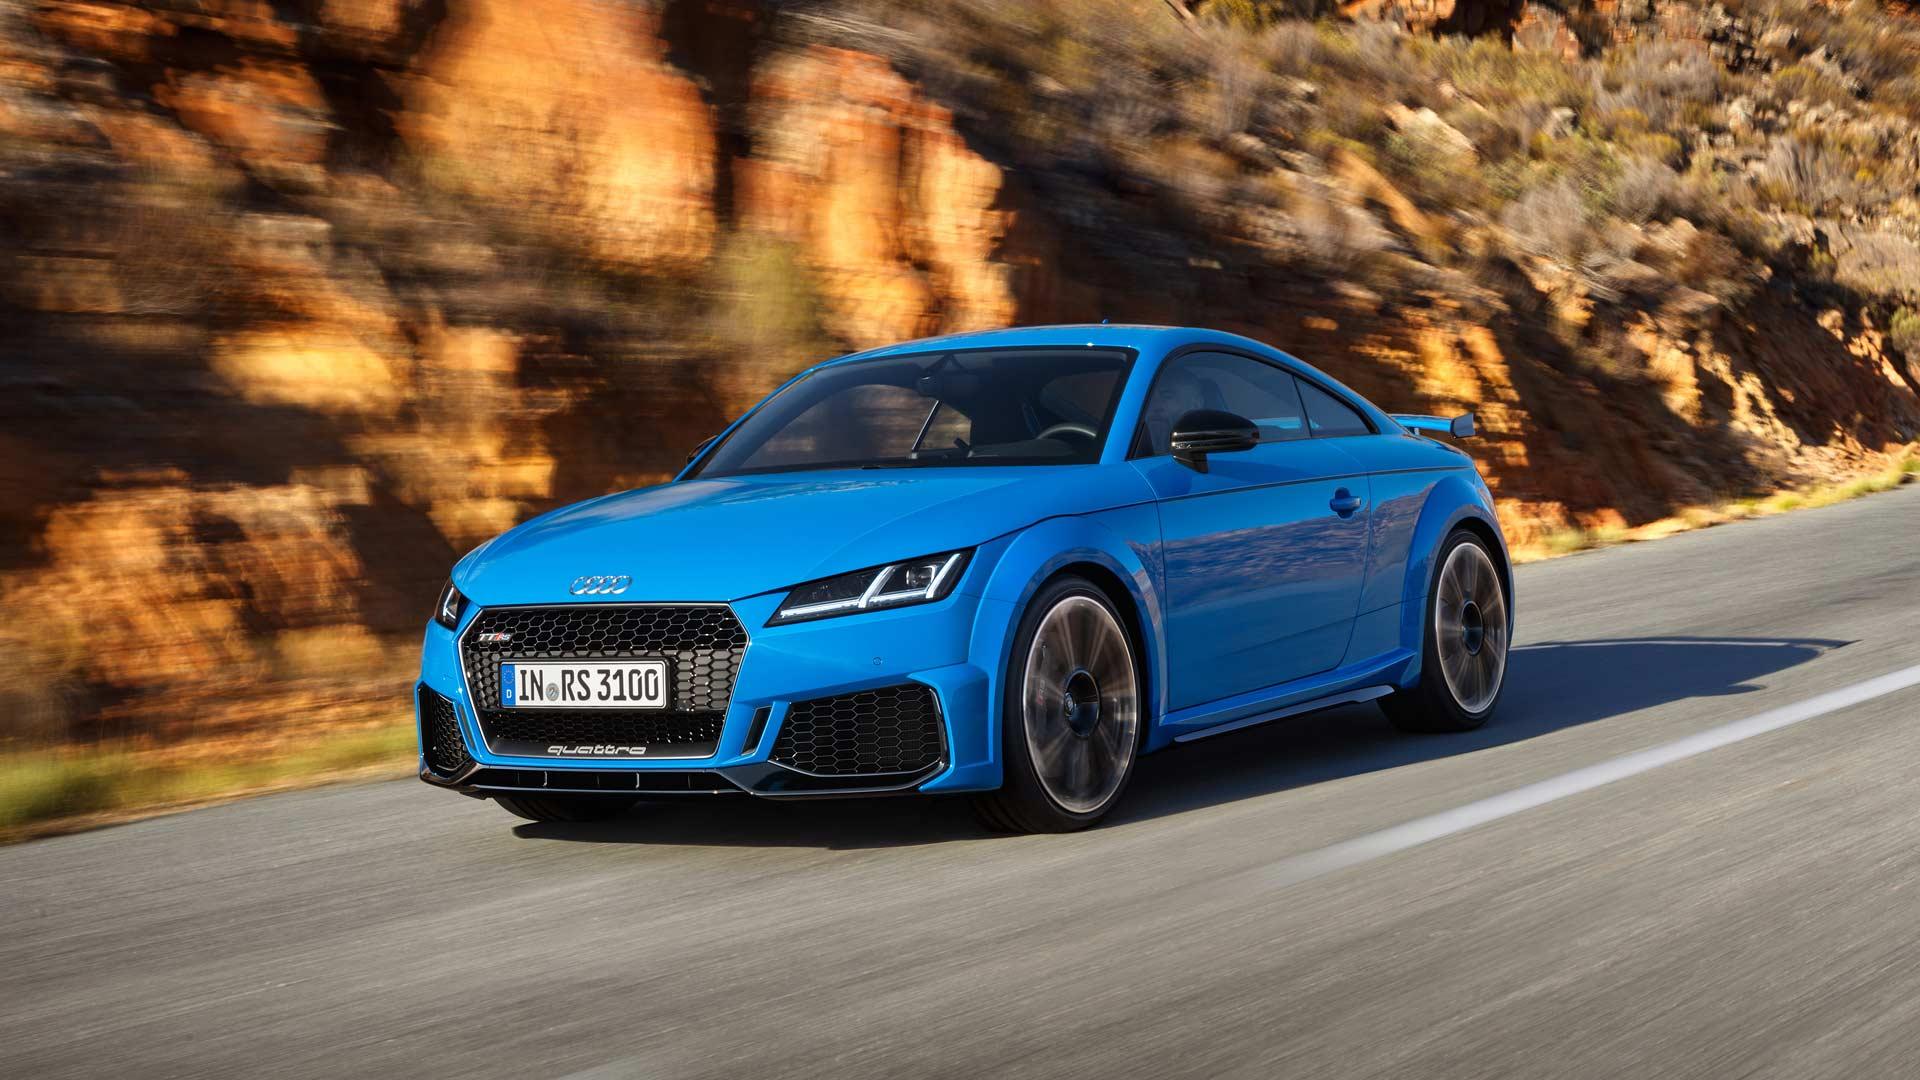 Kekurangan Audi Tt Rs Coupe Review